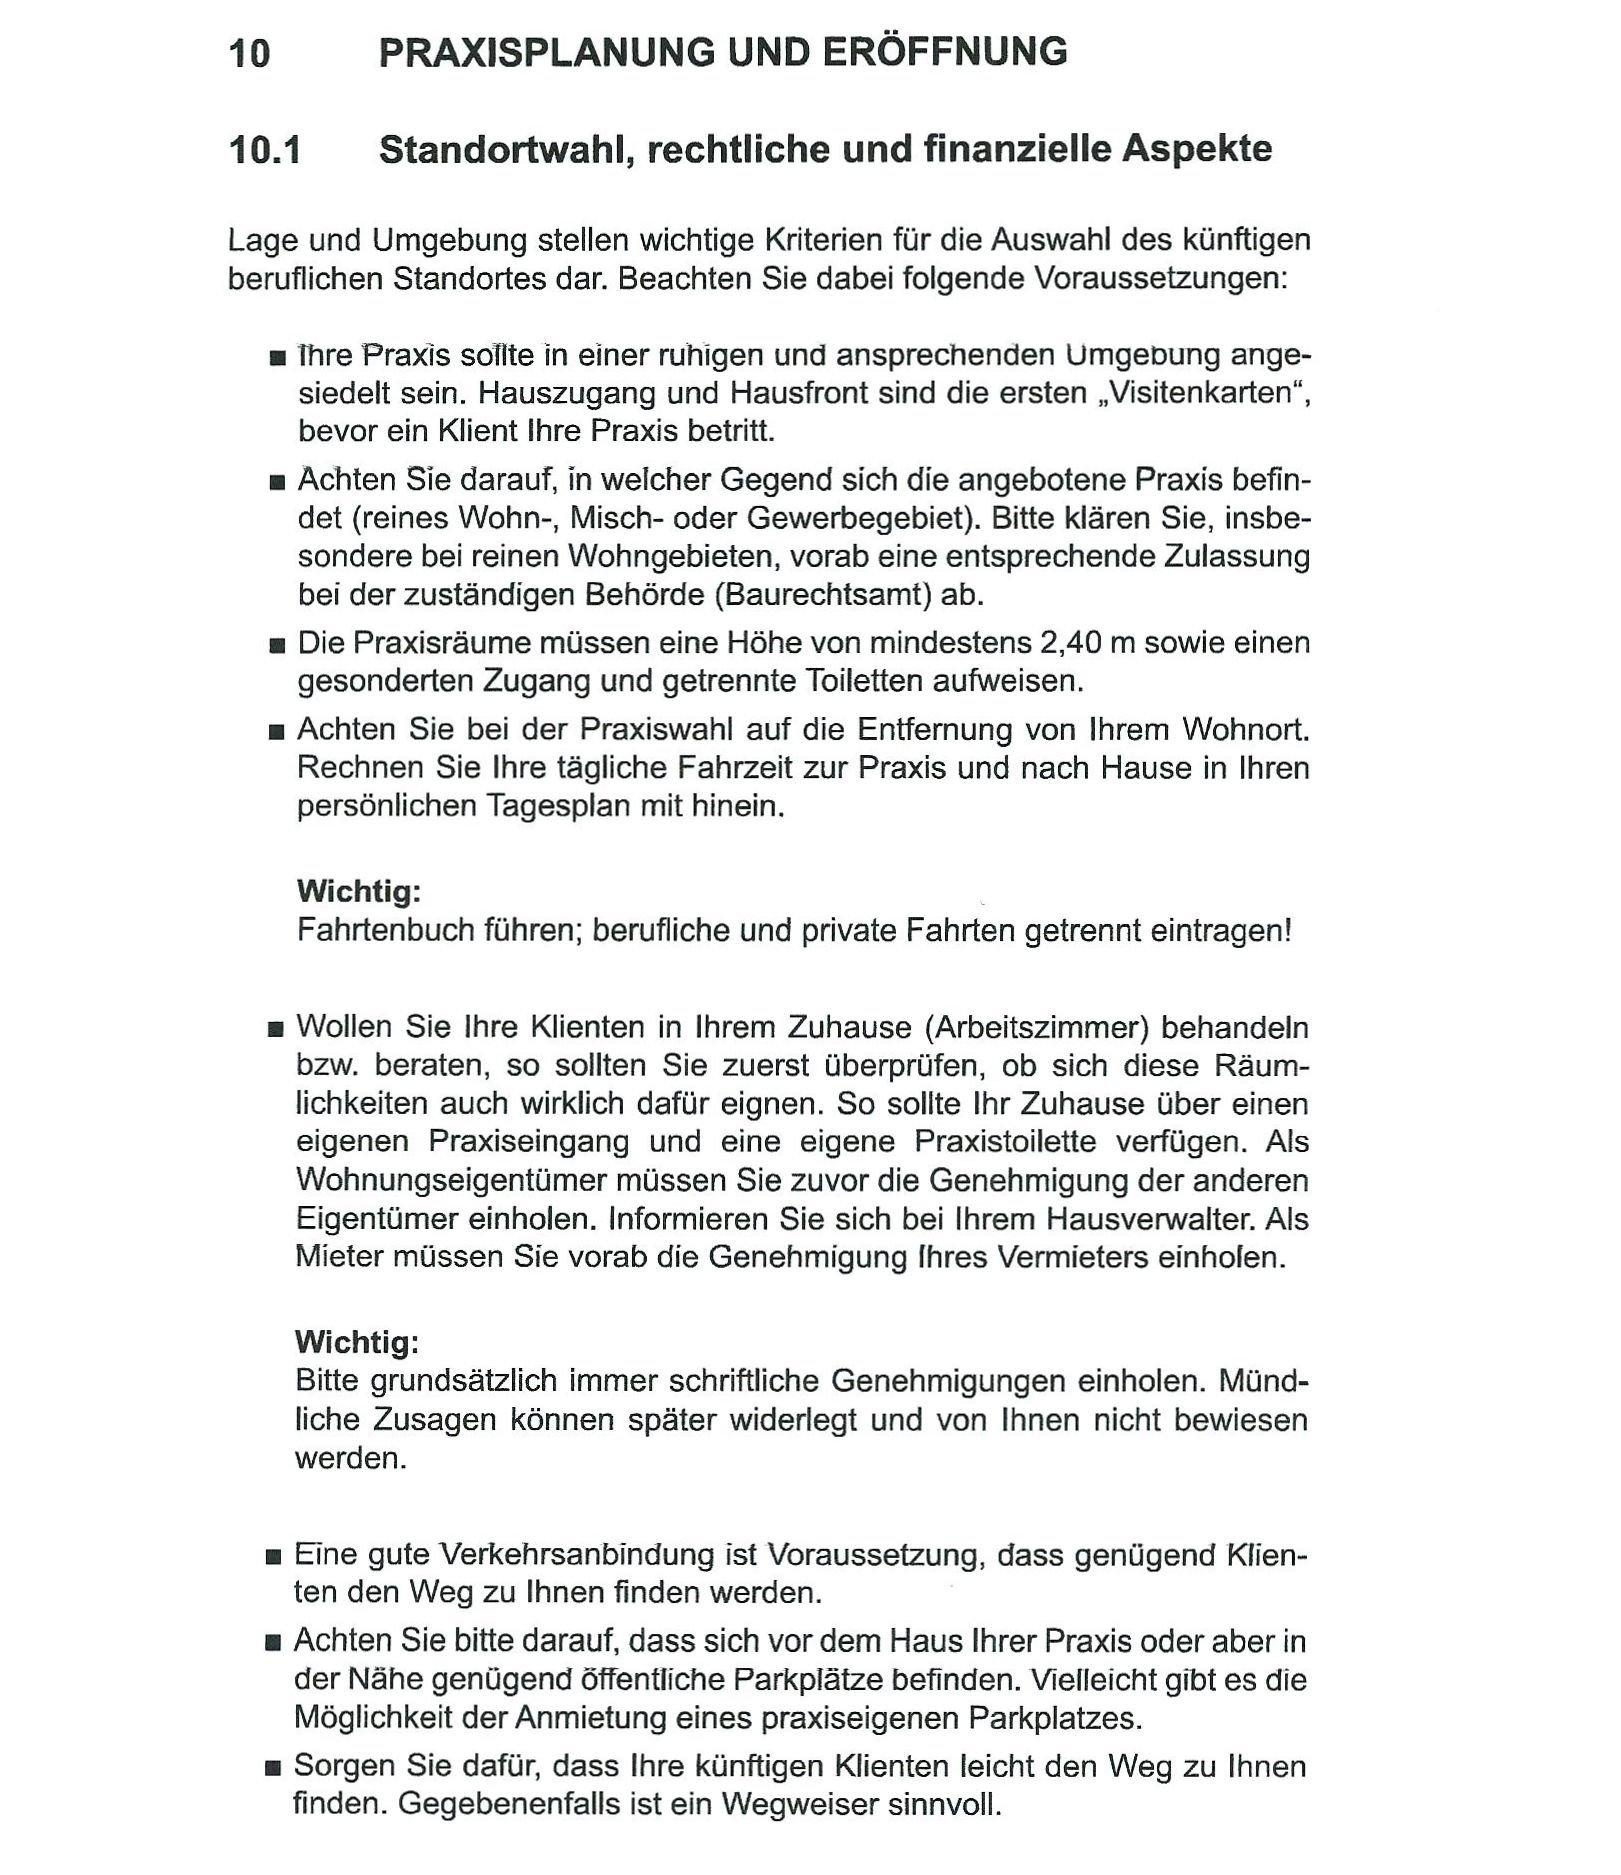 Buch Der Heilpraktiker Coach Mit 4 seitigem DIN A4 Anamnesebogen